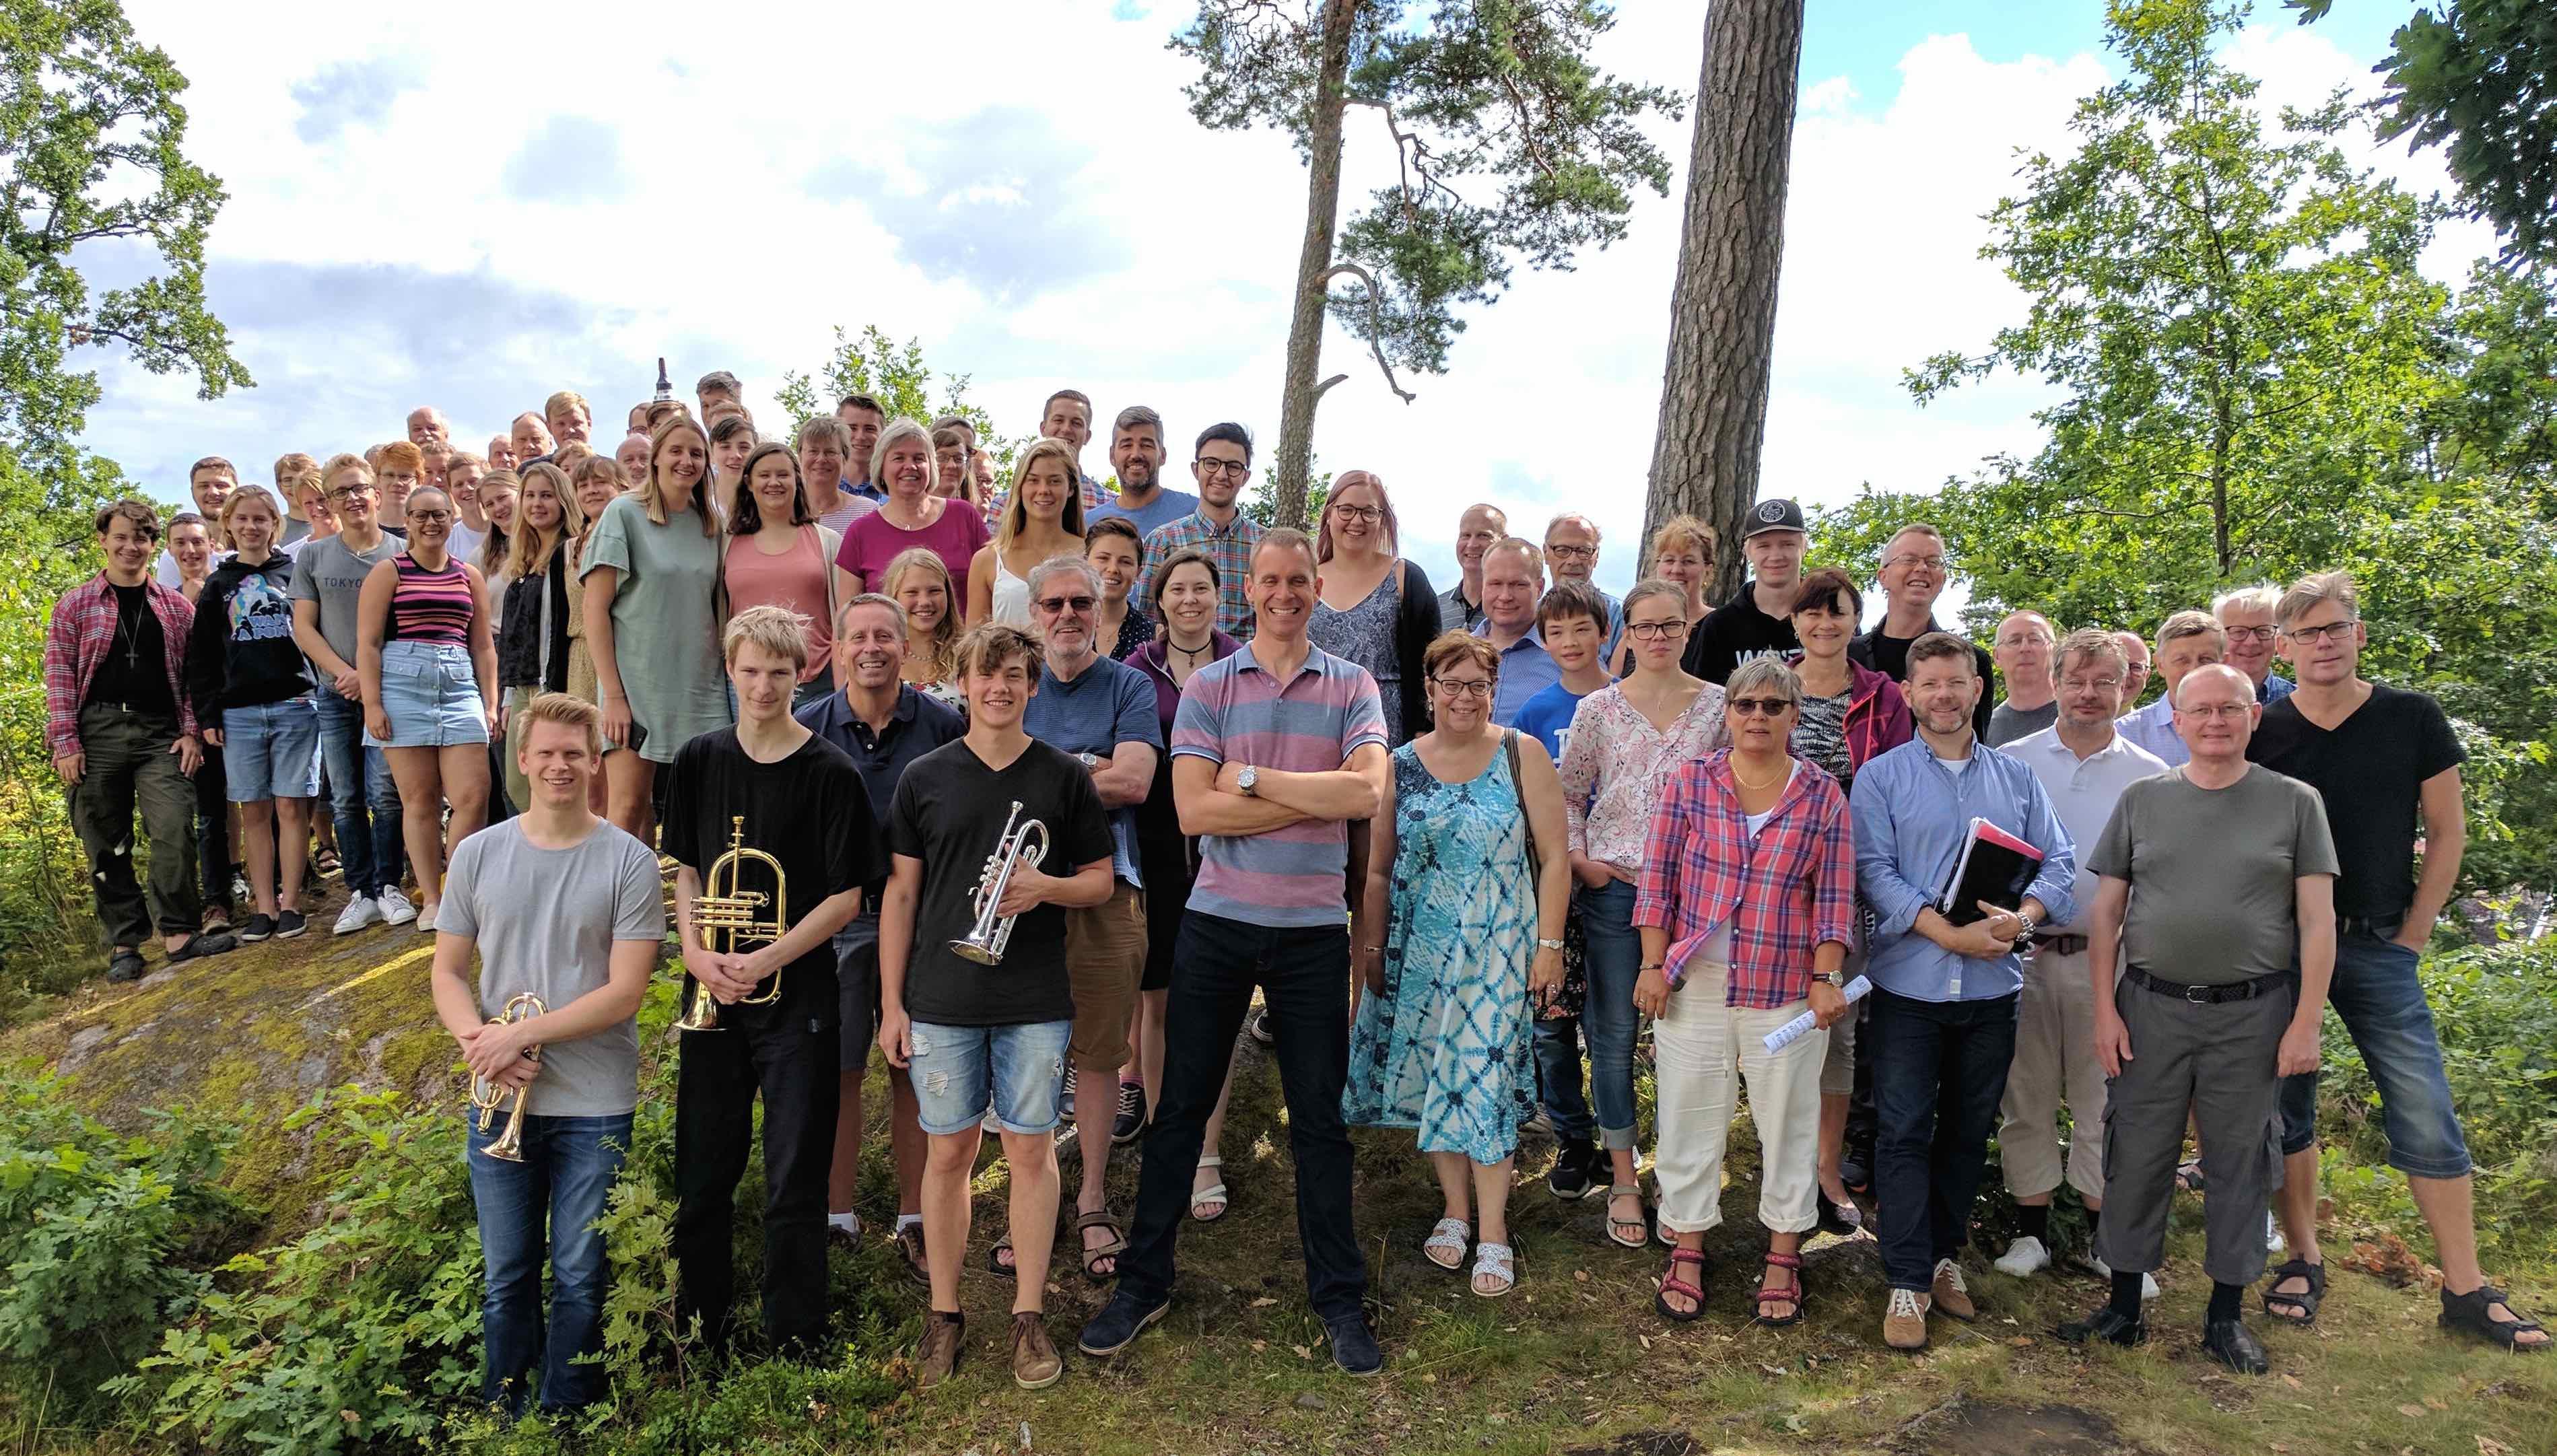 Sommarmusikskola - Brassläger på Södra Vätterbygdens Folkhögskola i Jönköping